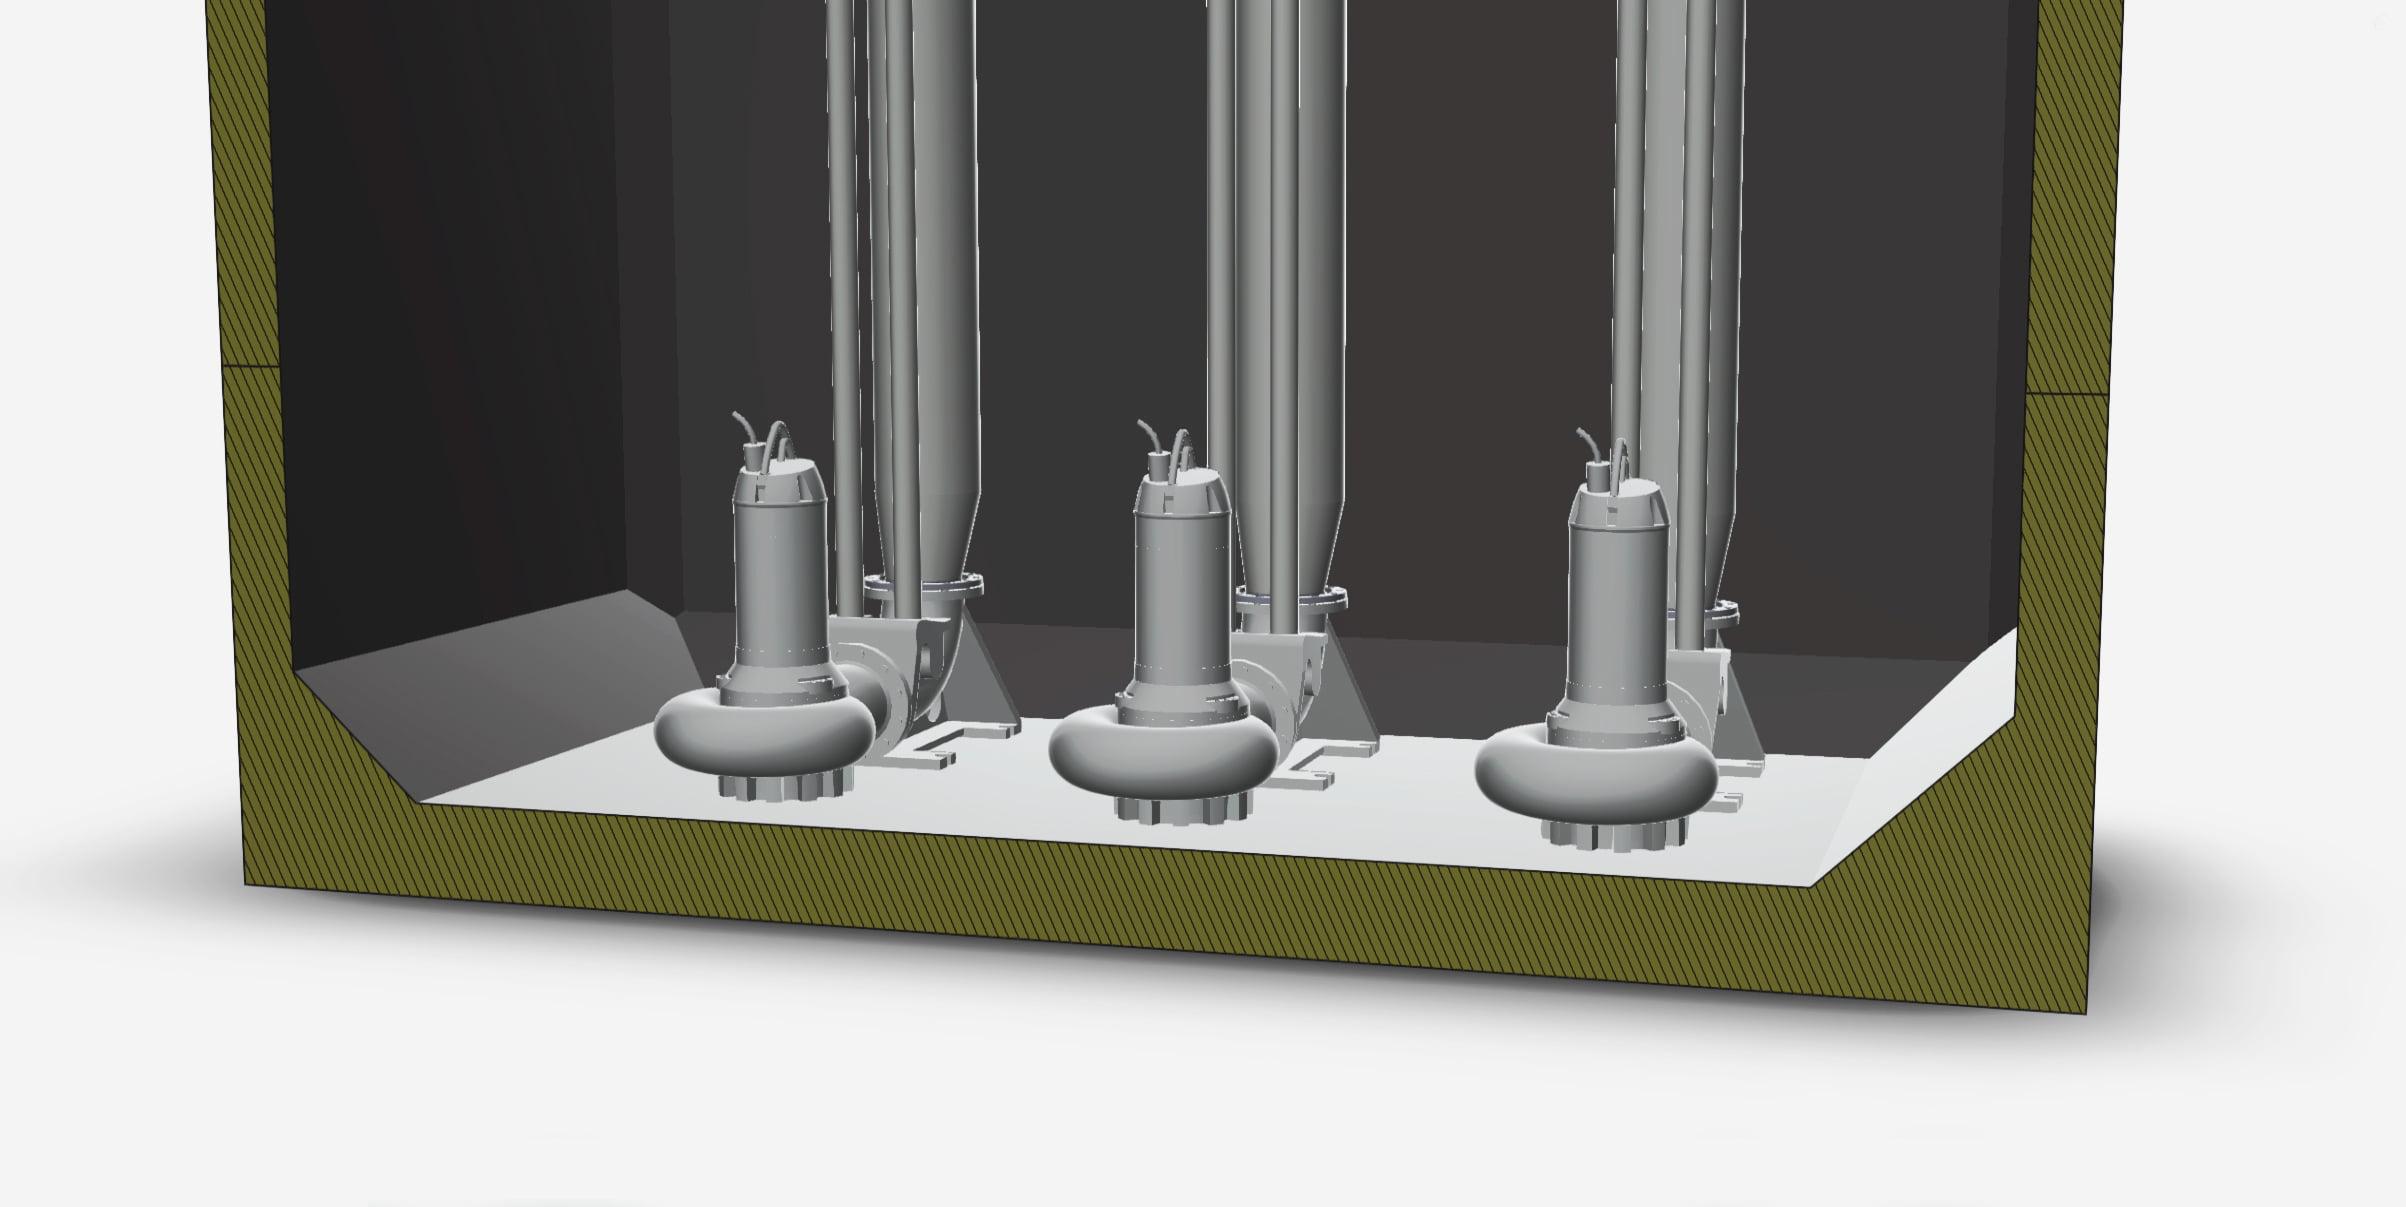 Större VP-station med moduler: sektion med pumpar i brunnen